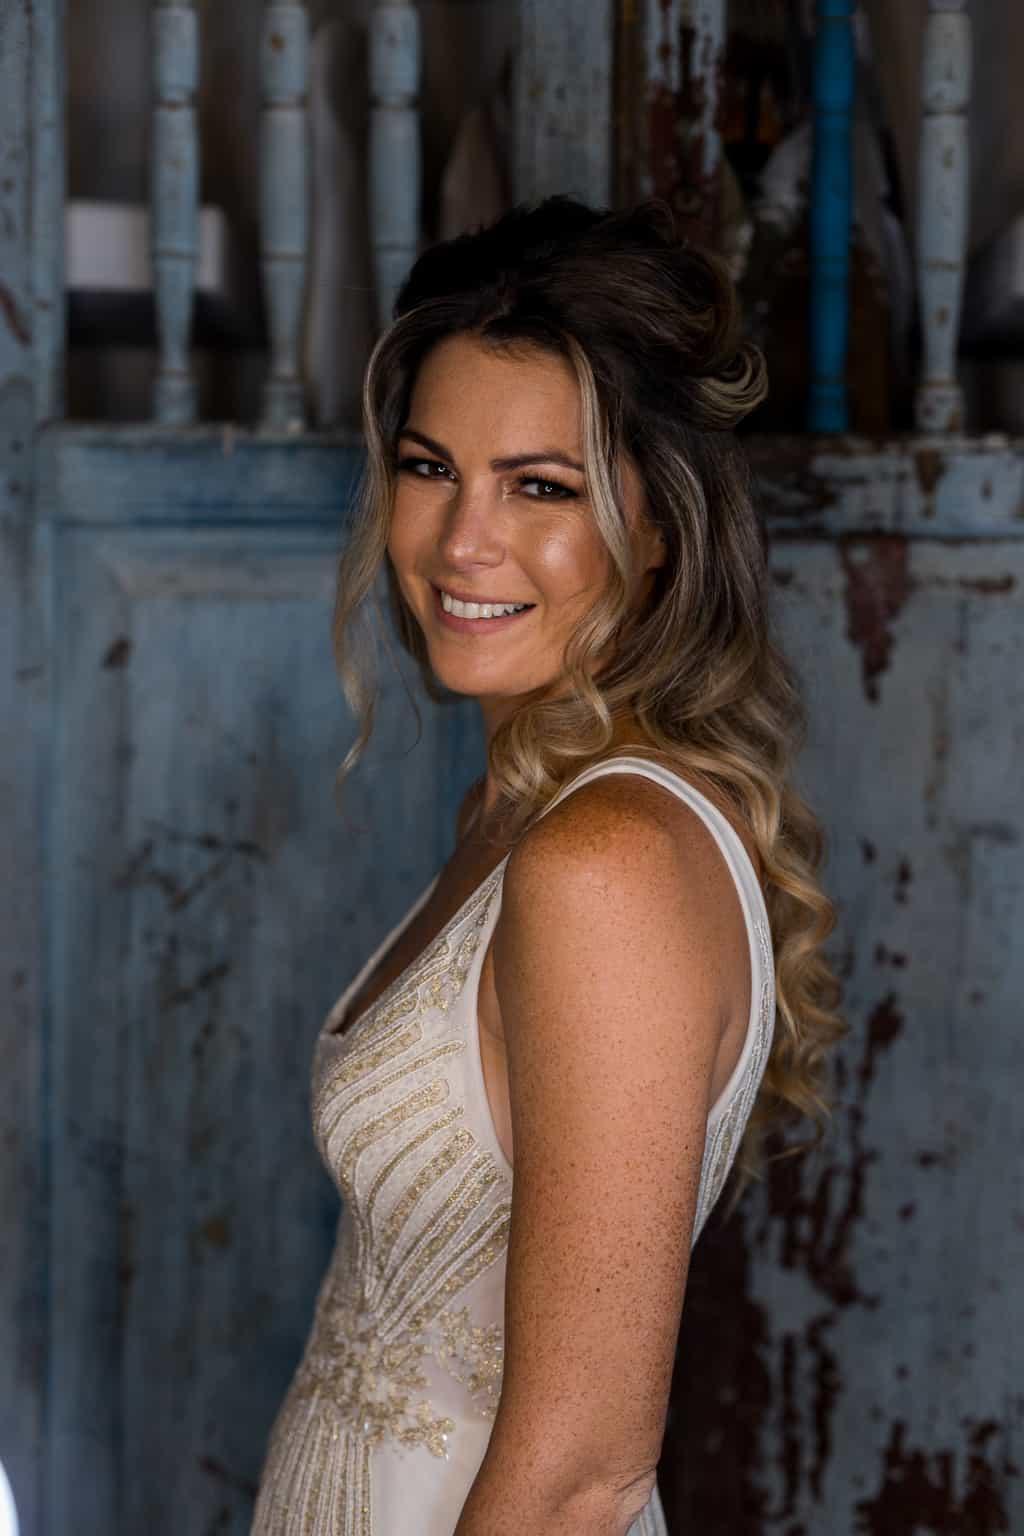 Casamento-Victoria-e-Christian-Fotografia-Tiago-Saldanha121_MG_0411